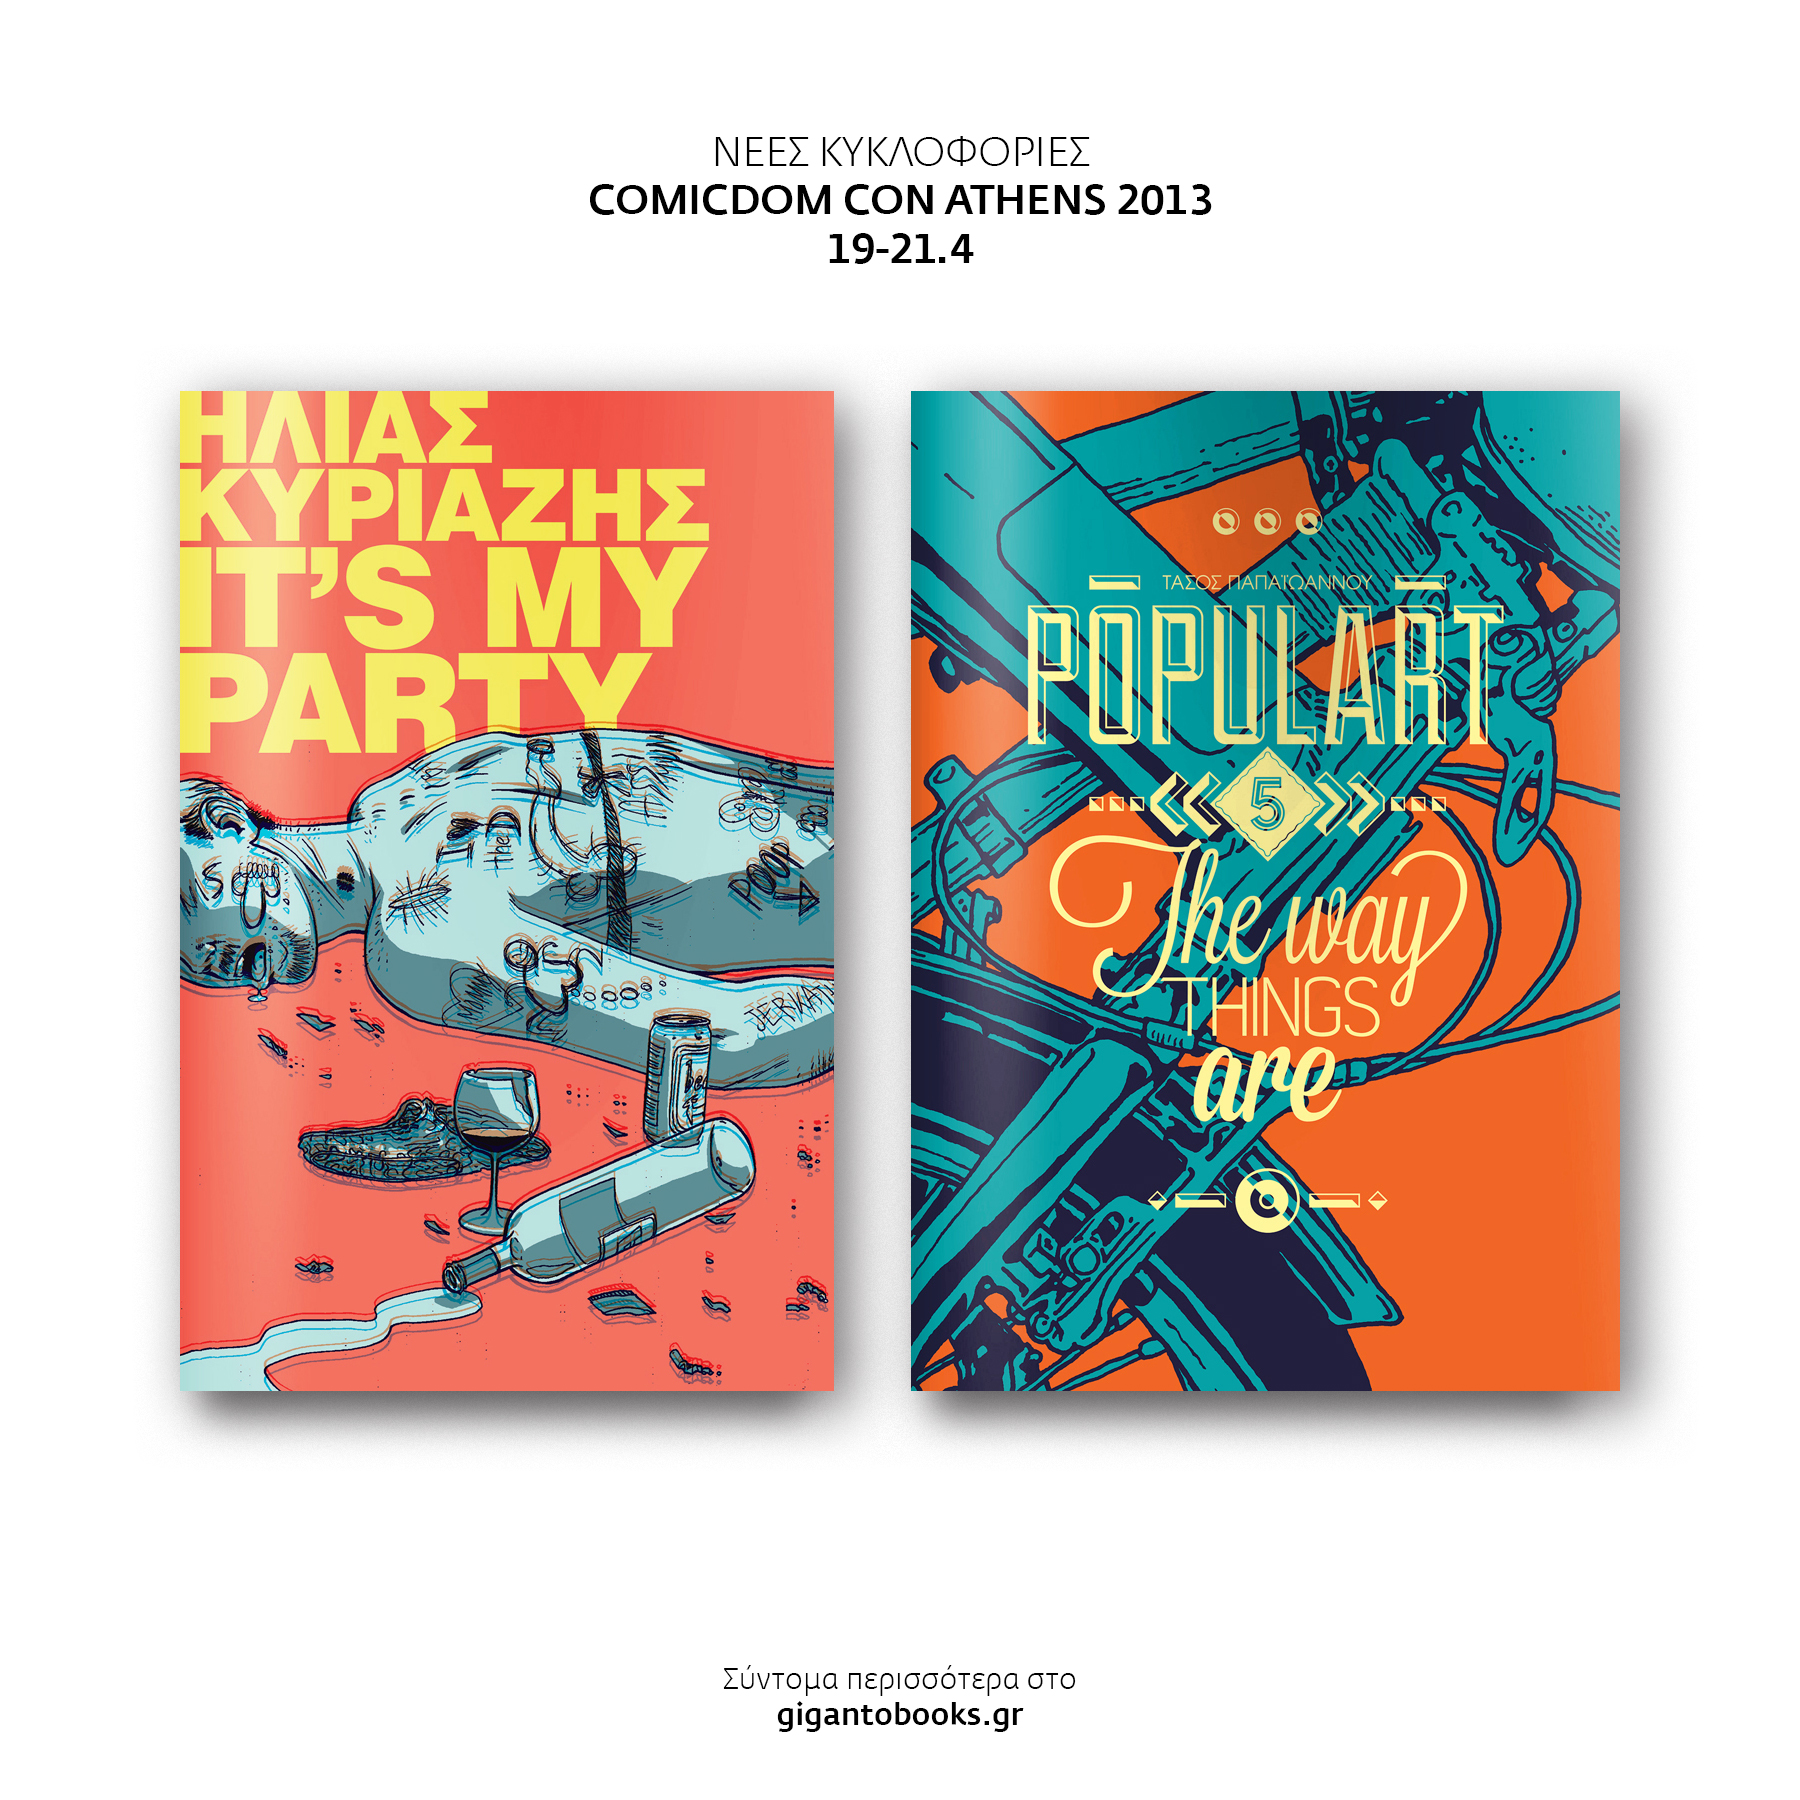 comicdom_con_athens2013_gigantobooks.gr_new-comics_1800x1800px